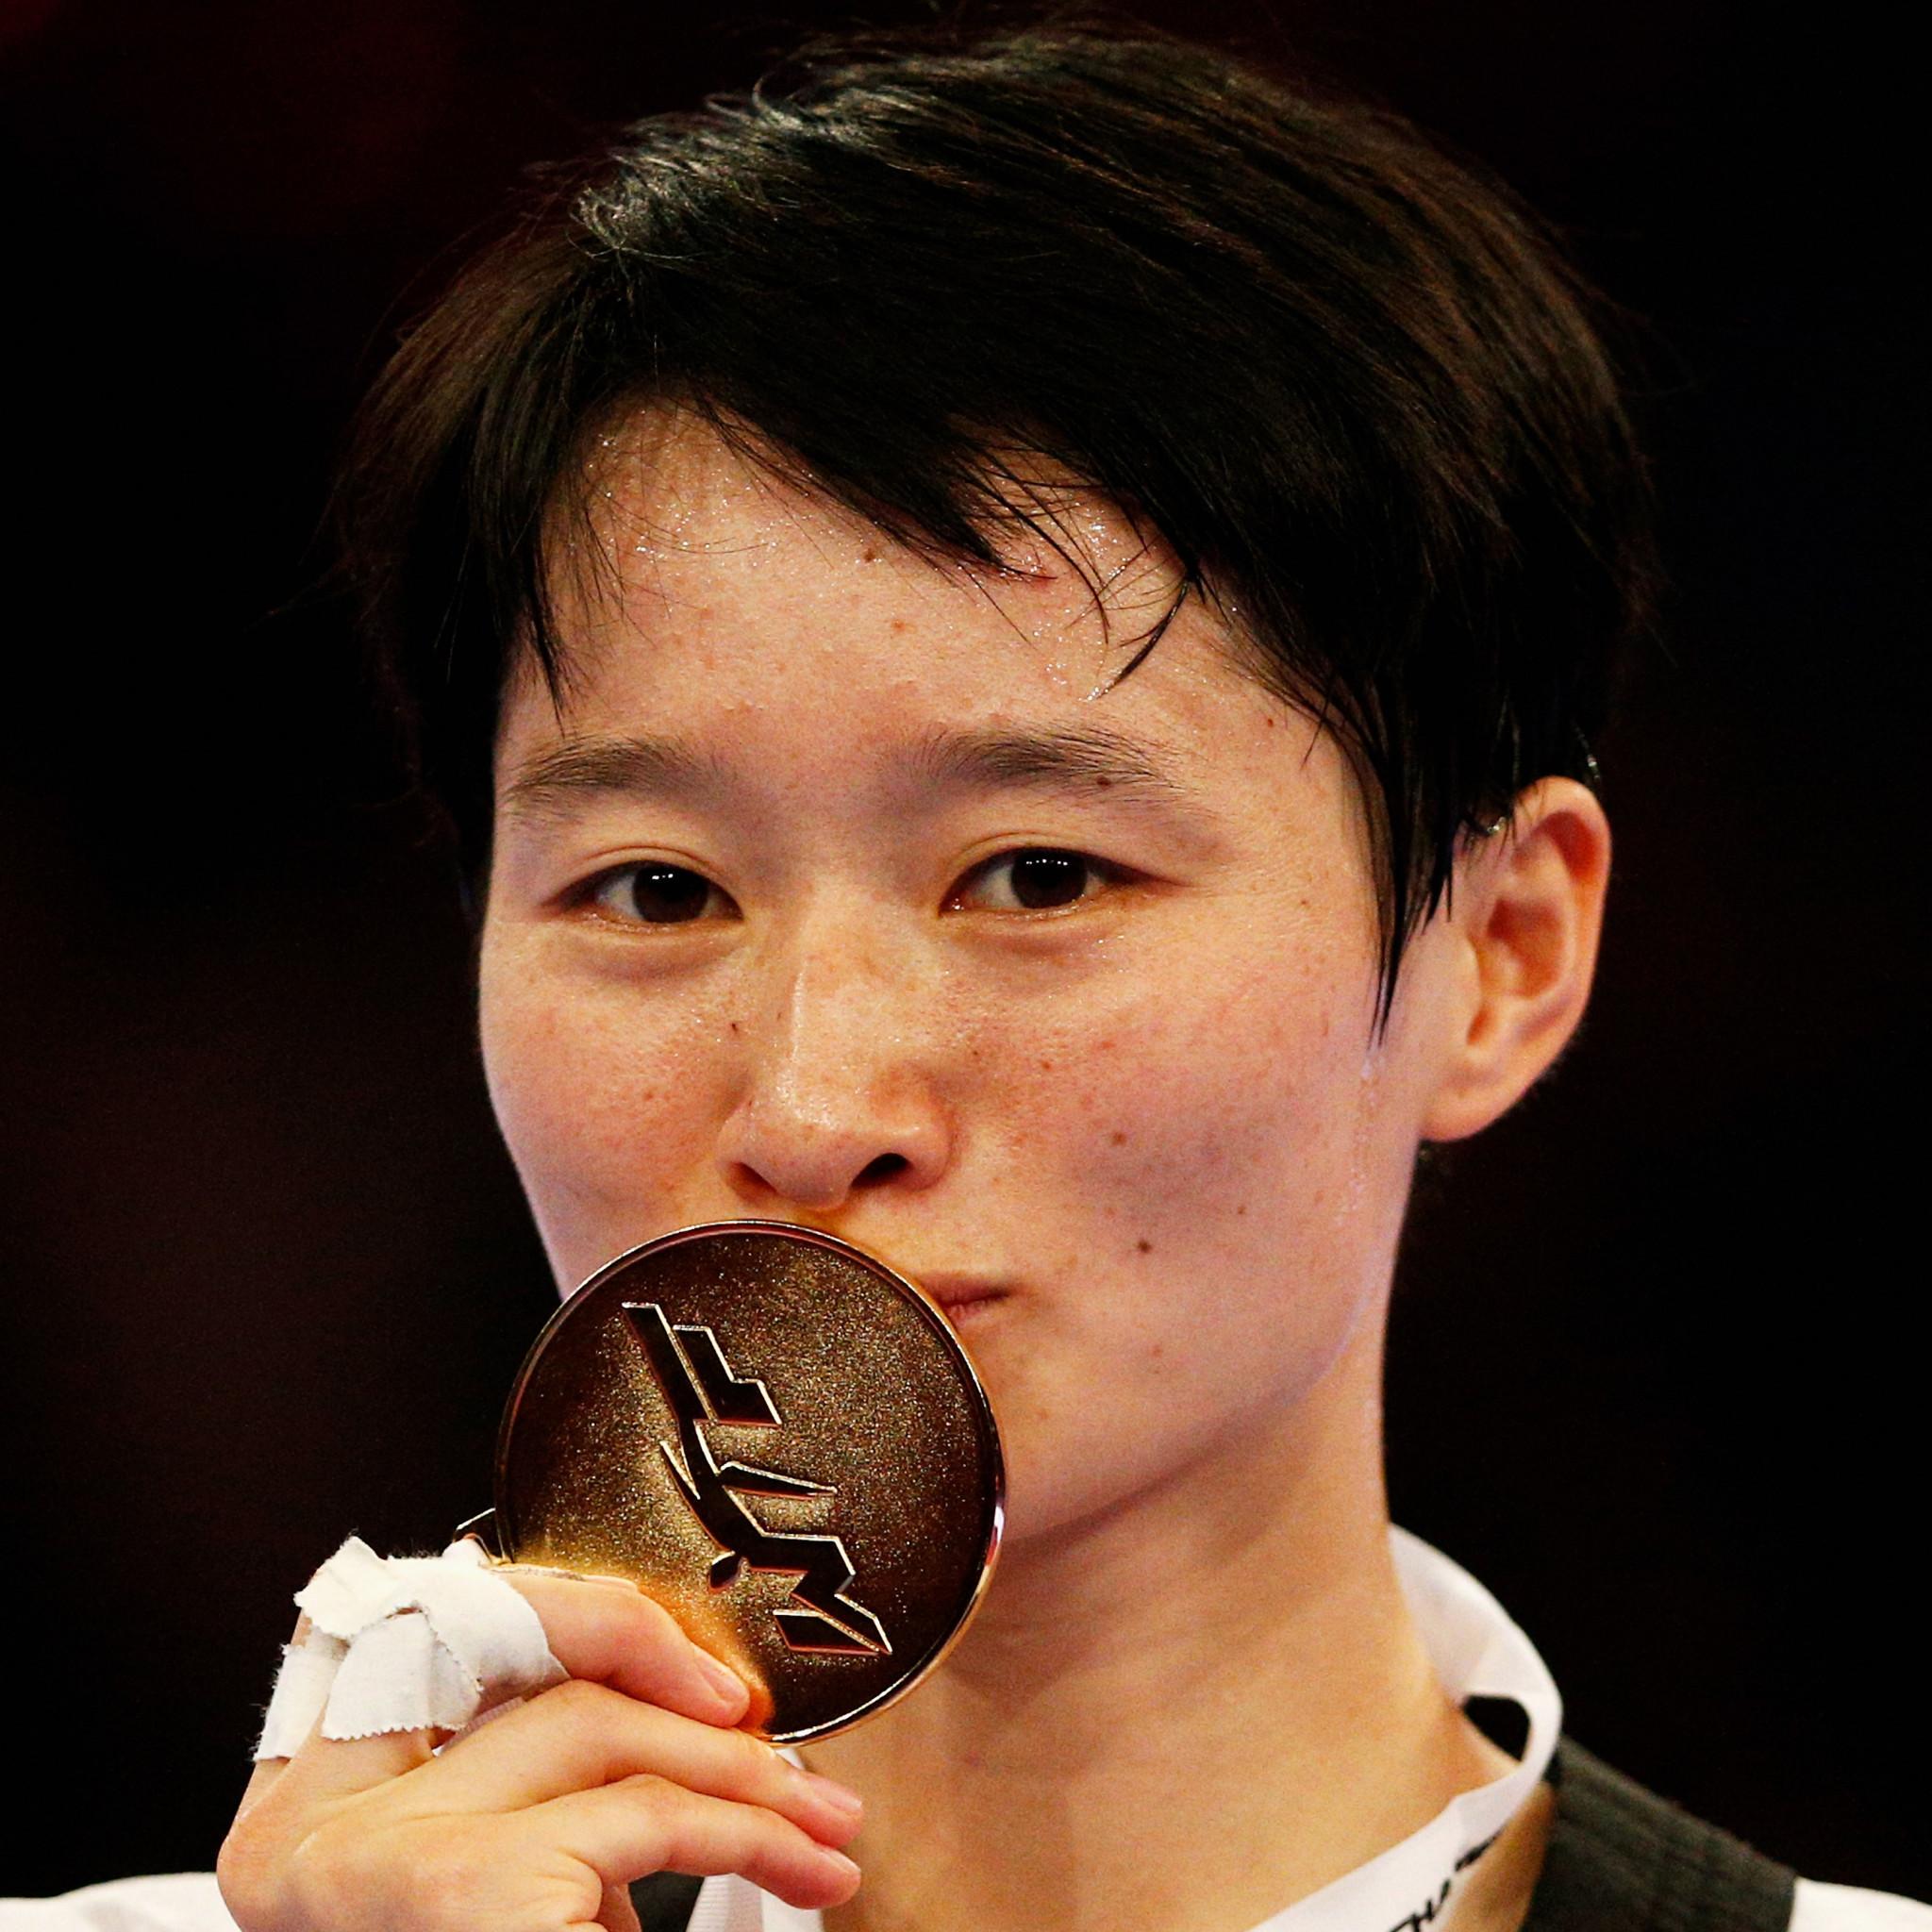 Jingyu Wu - a shot at Olympic history delayed